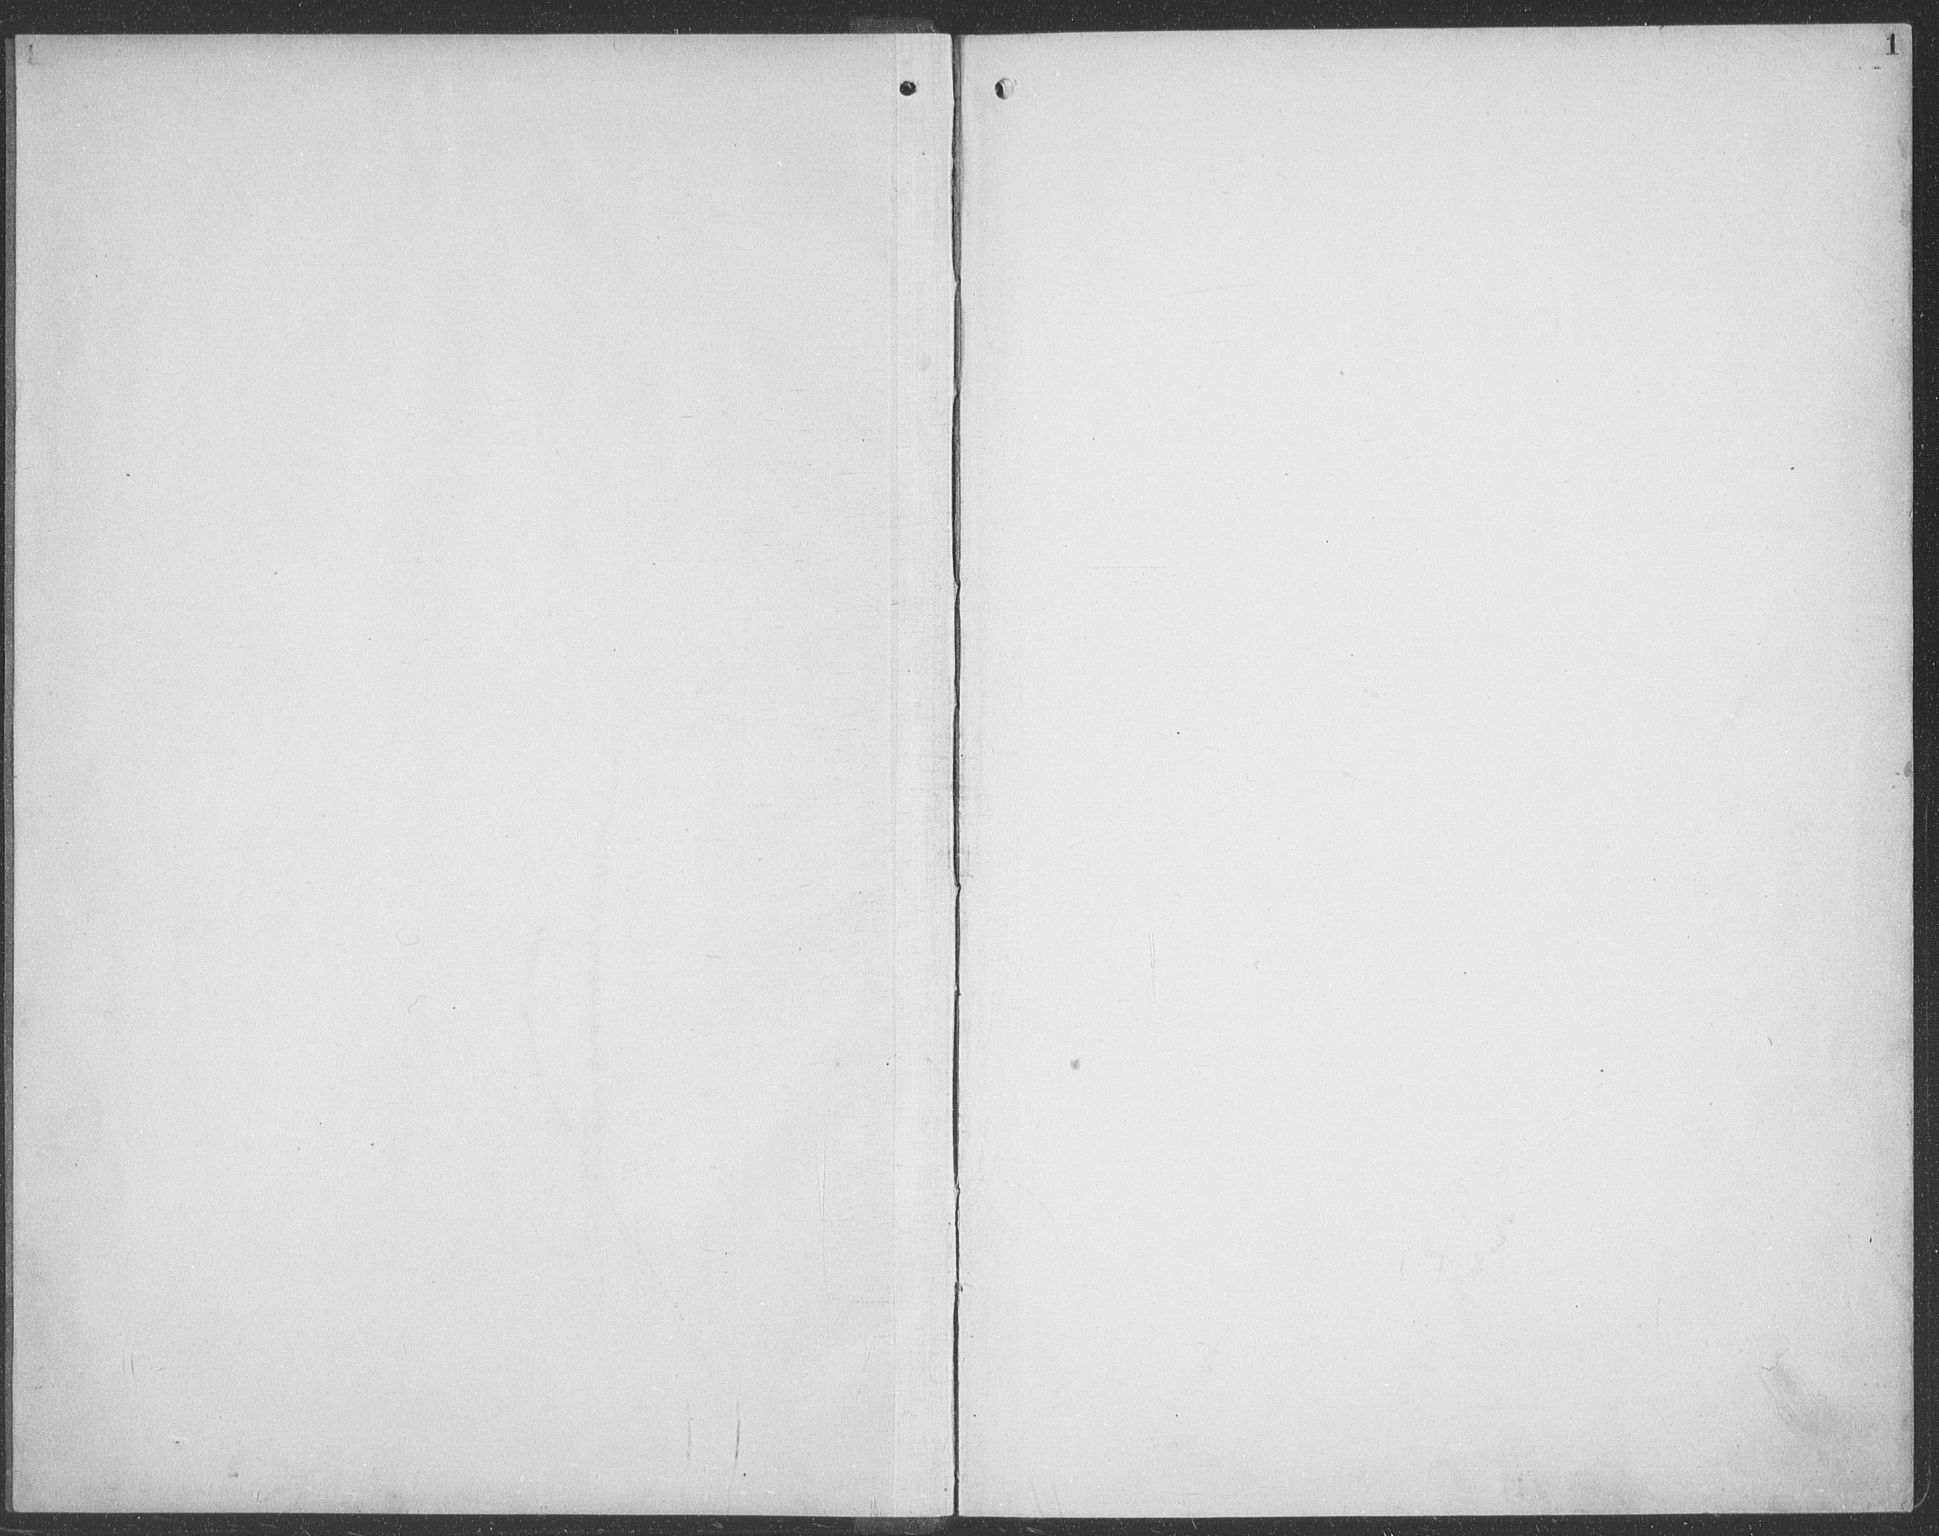 SAT, Ministerialprotokoller, klokkerbøker og fødselsregistre - Sør-Trøndelag, 608/L0342: Klokkerbok nr. 608C08, 1912-1938, s. 1